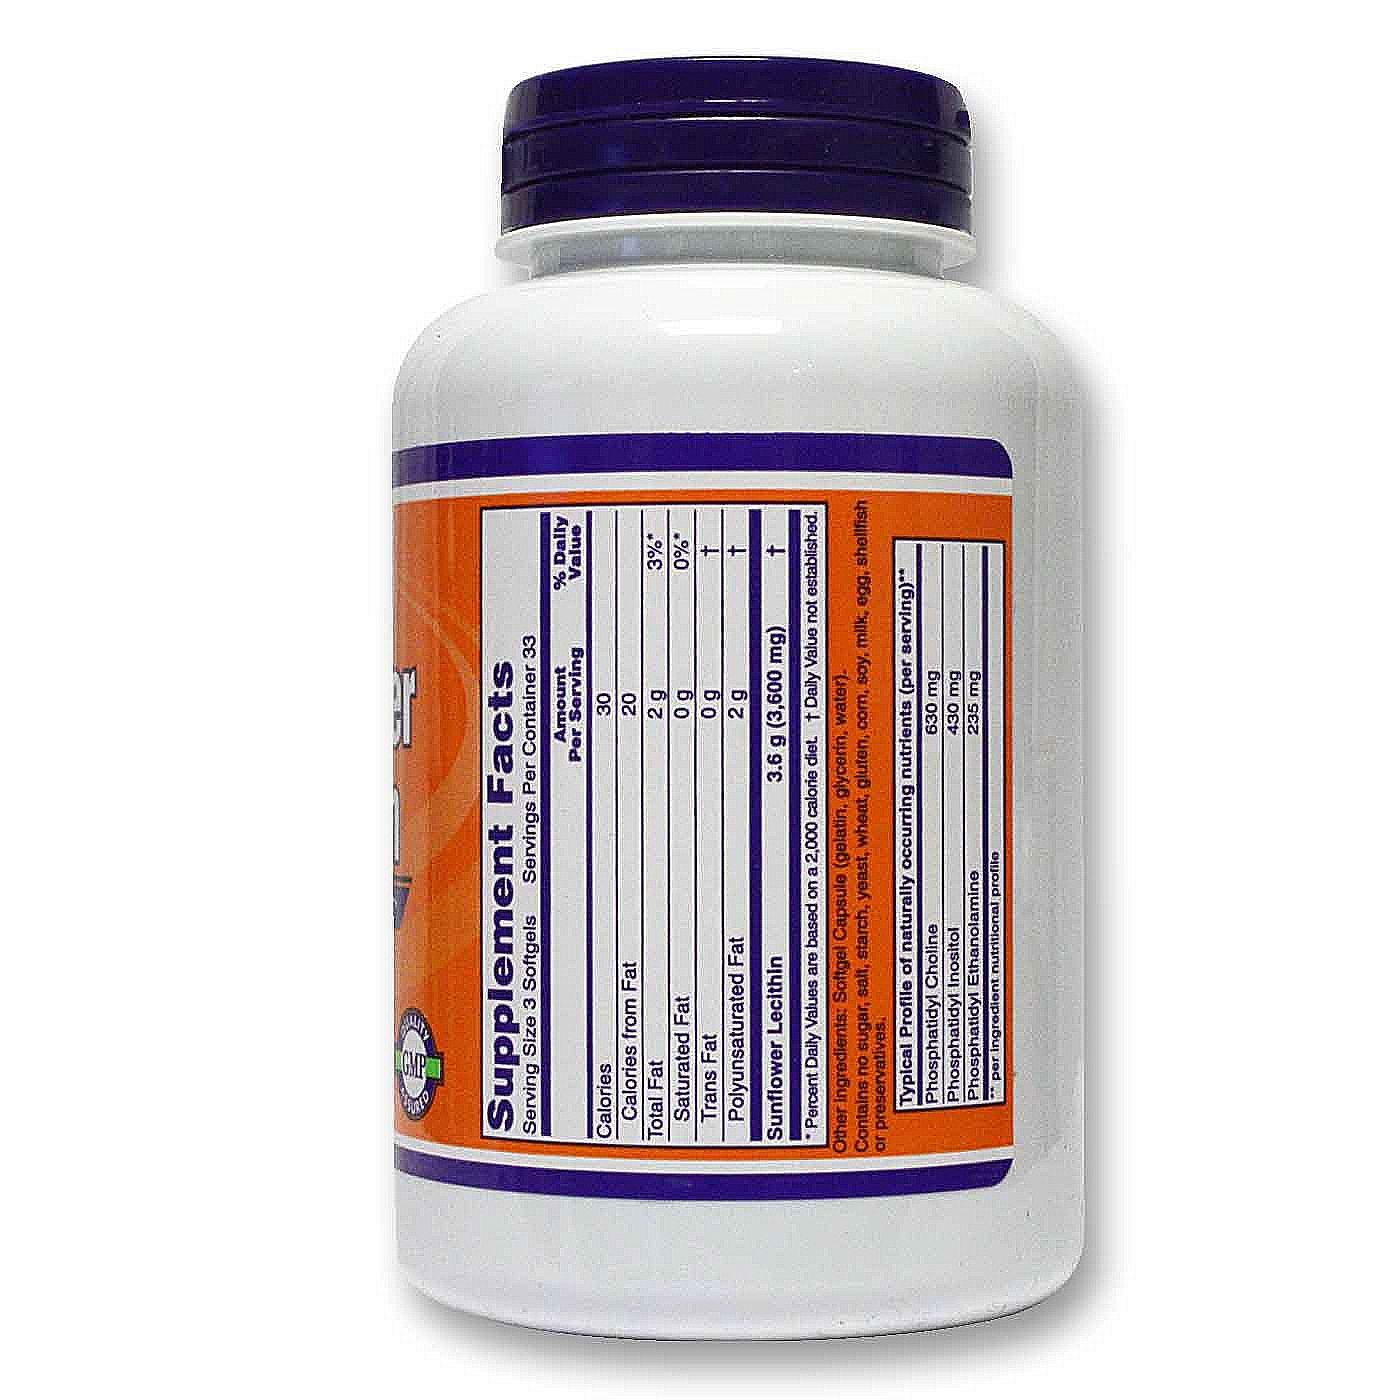 Online pharmacy kamagra